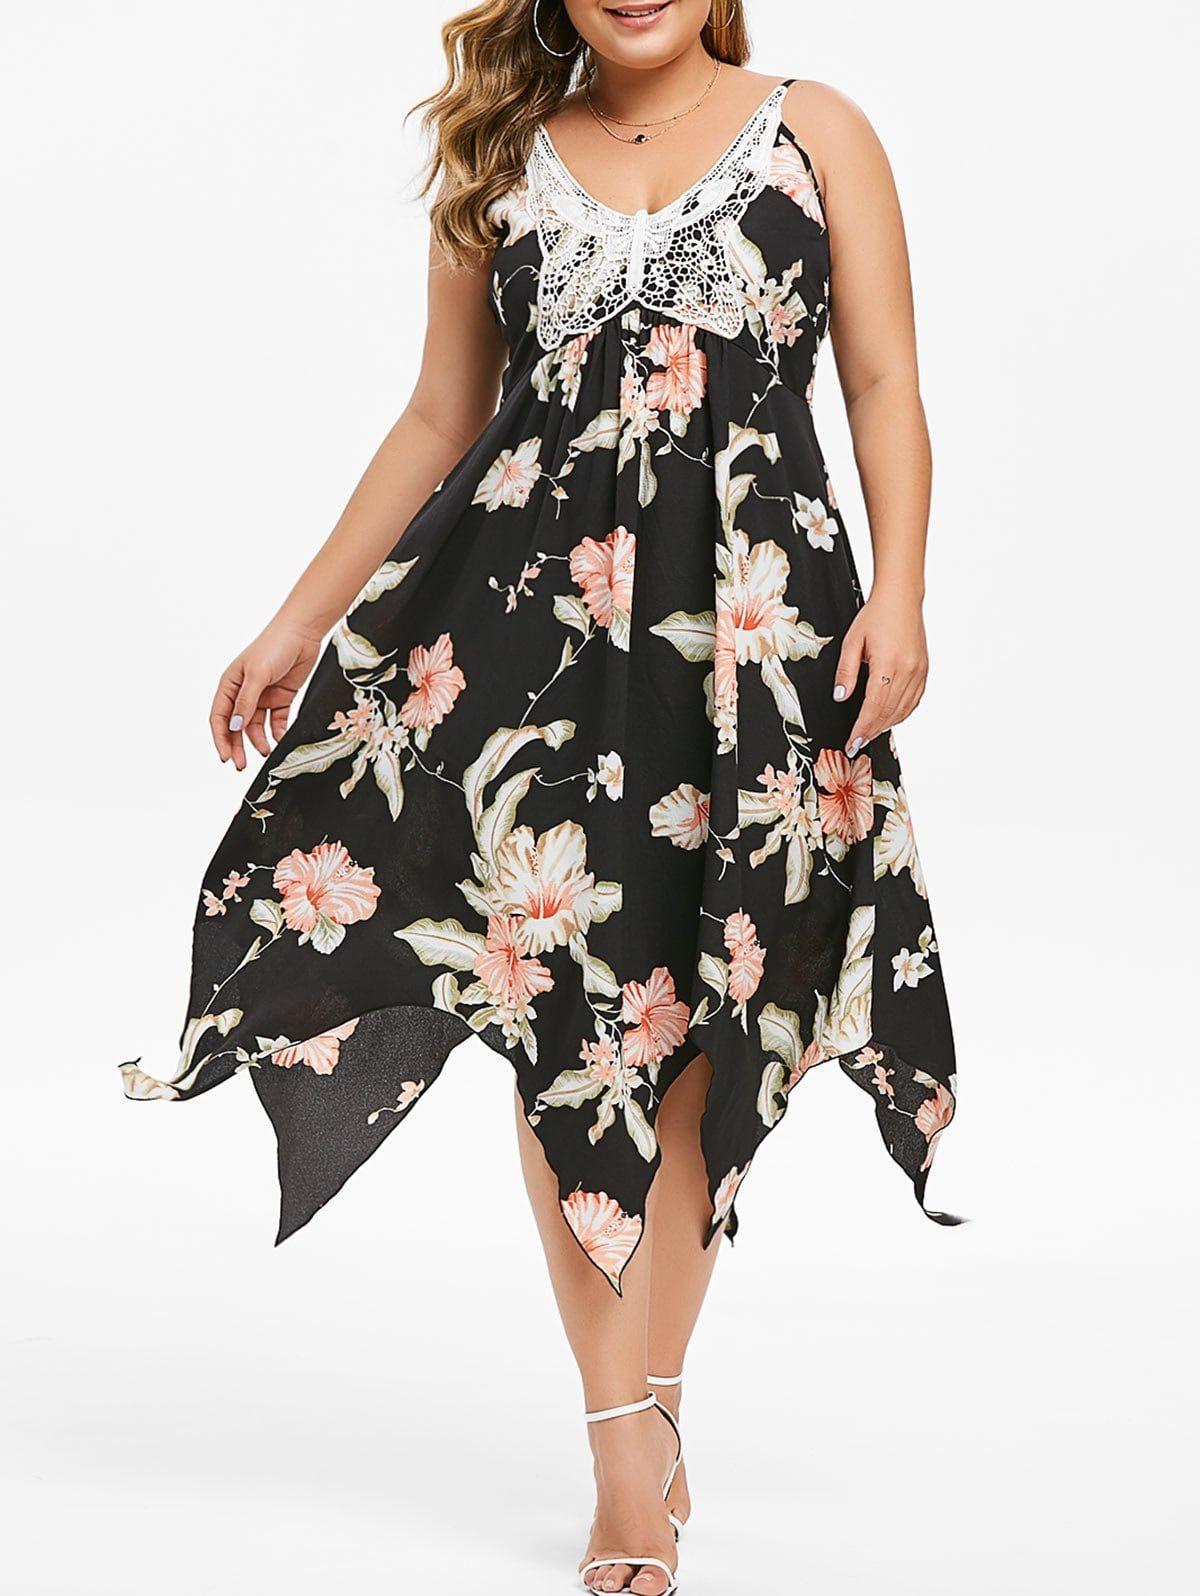 Plus Size Butterfly Lace Handkerchief Floral Dress 5x Lace Handkerchief Dress Feather Print Dress Dresses [ 1596 x 1200 Pixel ]